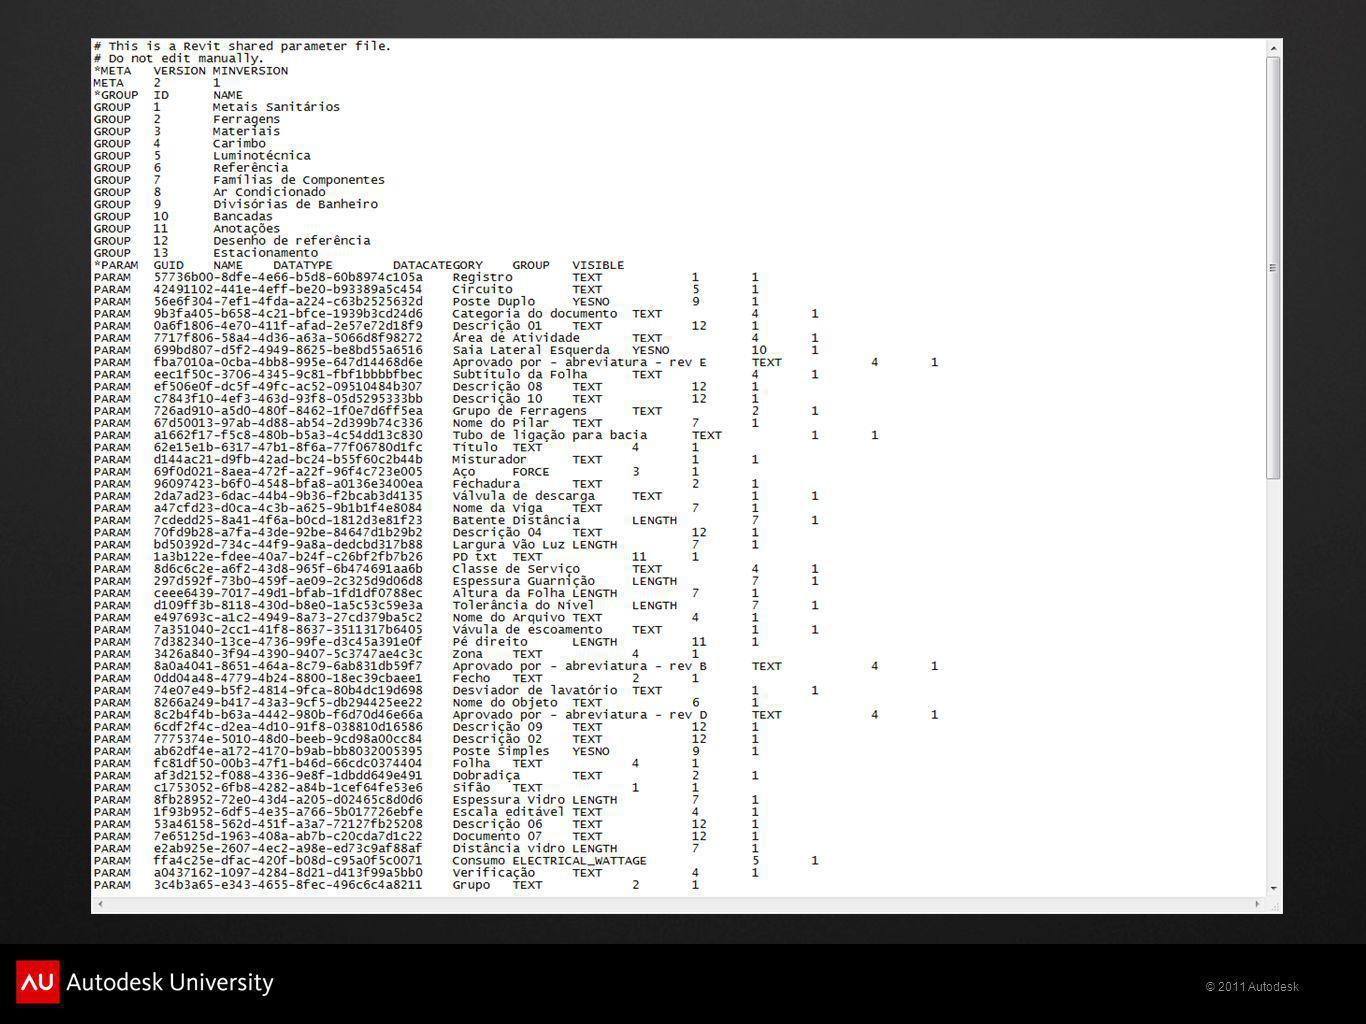 Para criar o arquivo *.txt, selecionar Gerenciar/Parâmetros Compartilhados e dentro do quadro Editar parâmetros compartilhados, clicar em Criar.